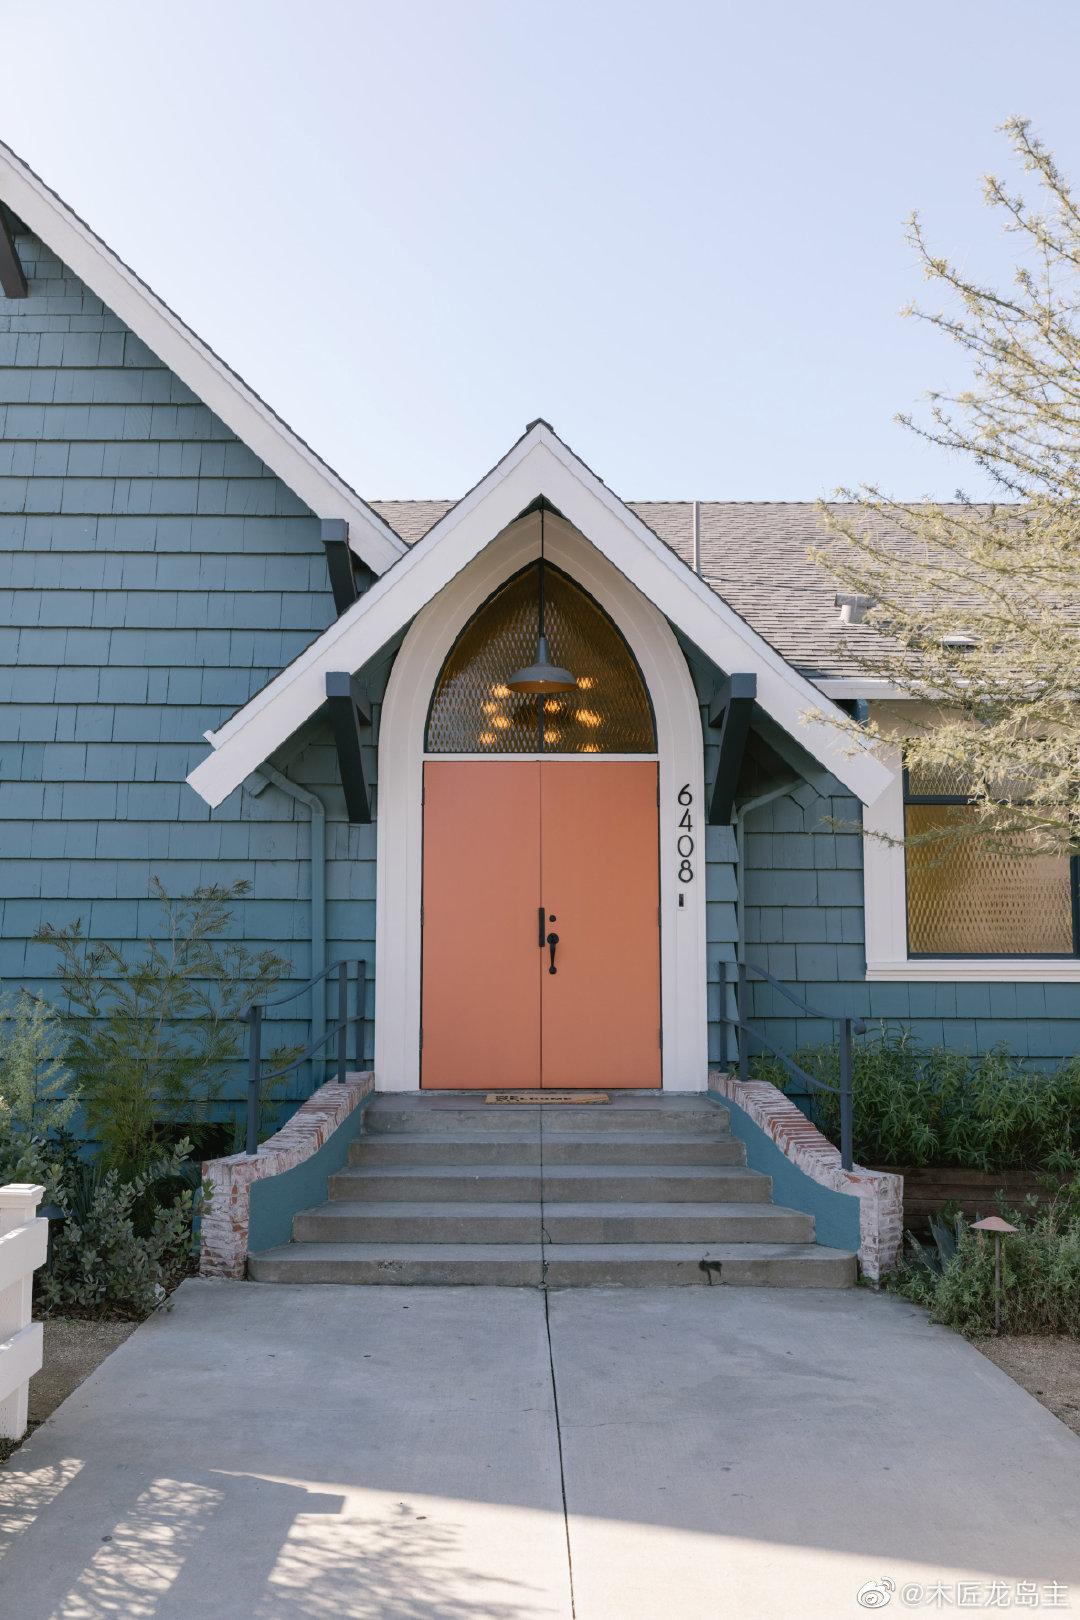 洛杉矶教堂变成了红宝石街的合作和活动空间 在洛杉矶的这个多功能空